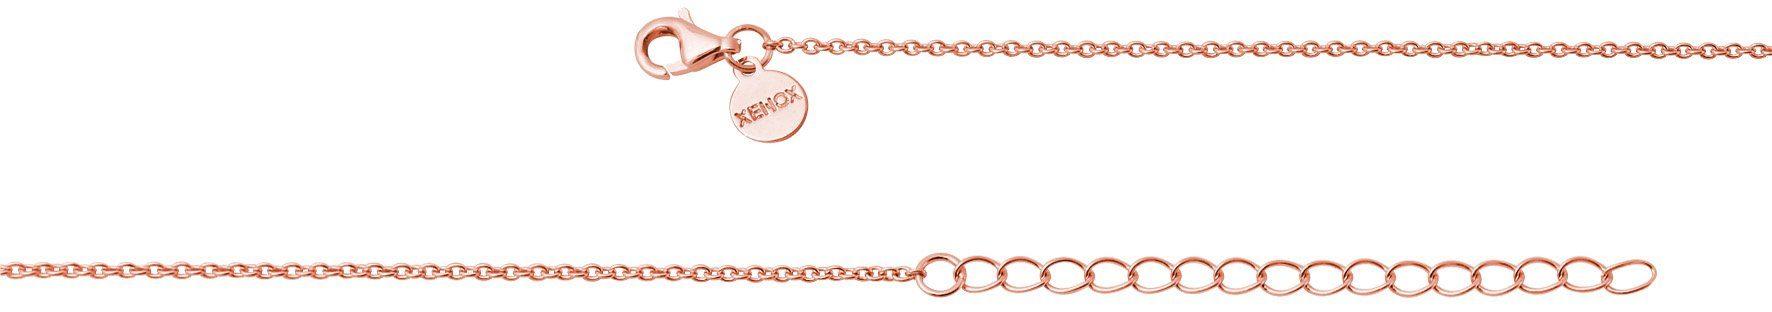 XENOX Kette, »XK200R/45«